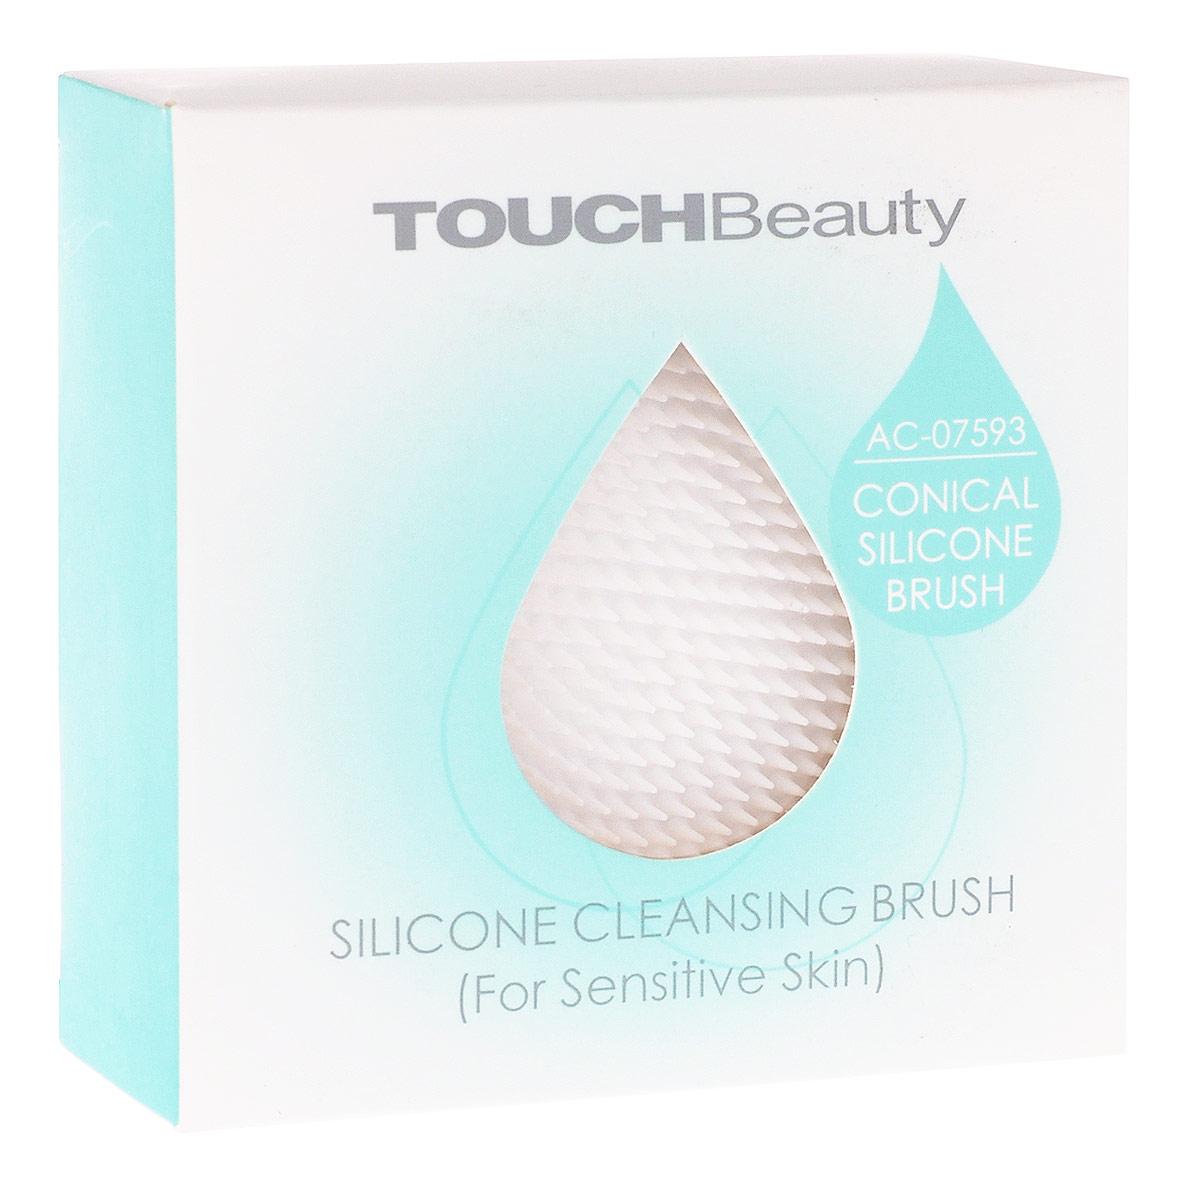 Touchbeauty Запасная щетка к приборам для очищения кожи при умывании AC-07593AC-07593Запасная щетка Touchbeauty имеет большой диаметр 7,5 см для увеличенной площади очищения. Специальная насадка для очищения и одновременного массажа кожи лица идеально подходит для всех типов кожи. С помощью этой насадки улучшается кровоснабжение и улучшается цвет лица. Используется вместе с прибором для очищения кожи серий AS-0759.